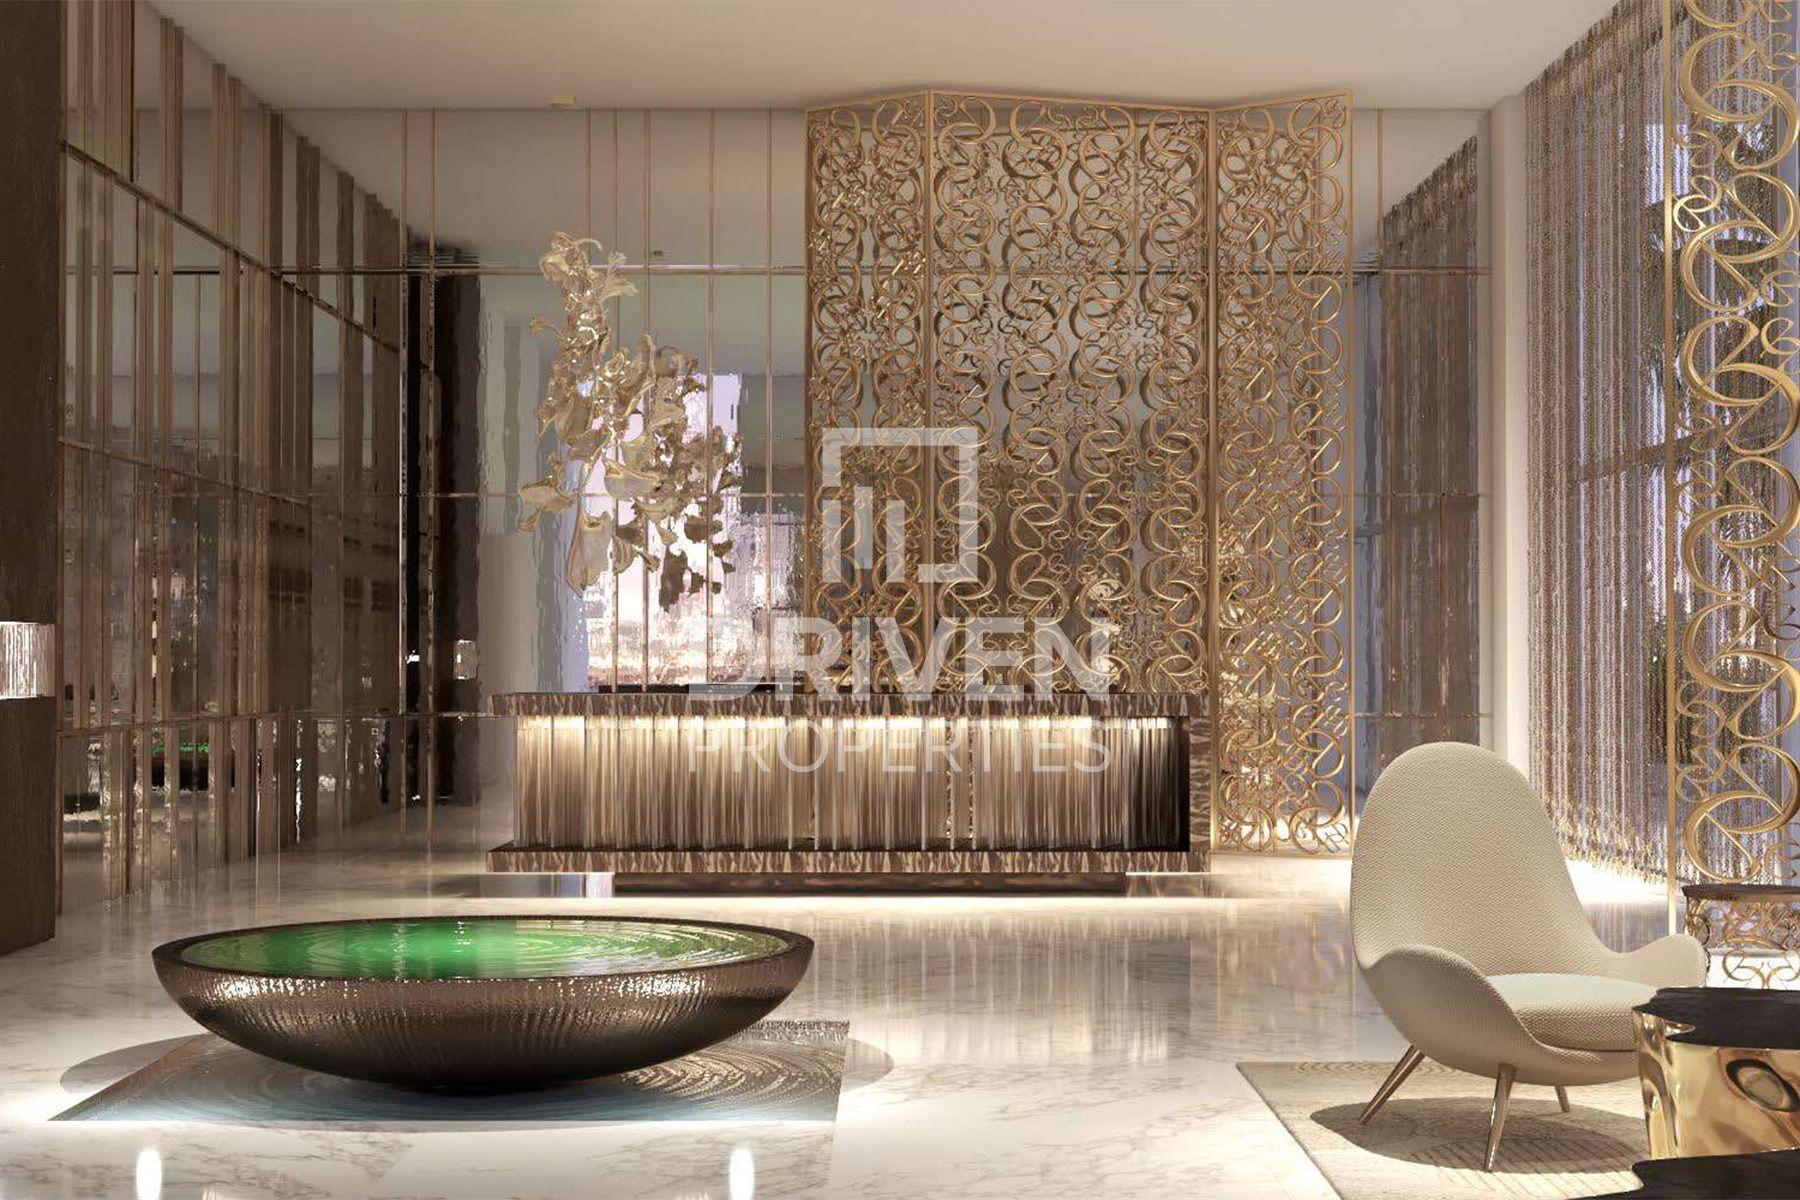 774 قدم مربع  شقة - للبيع - دبي هاربور